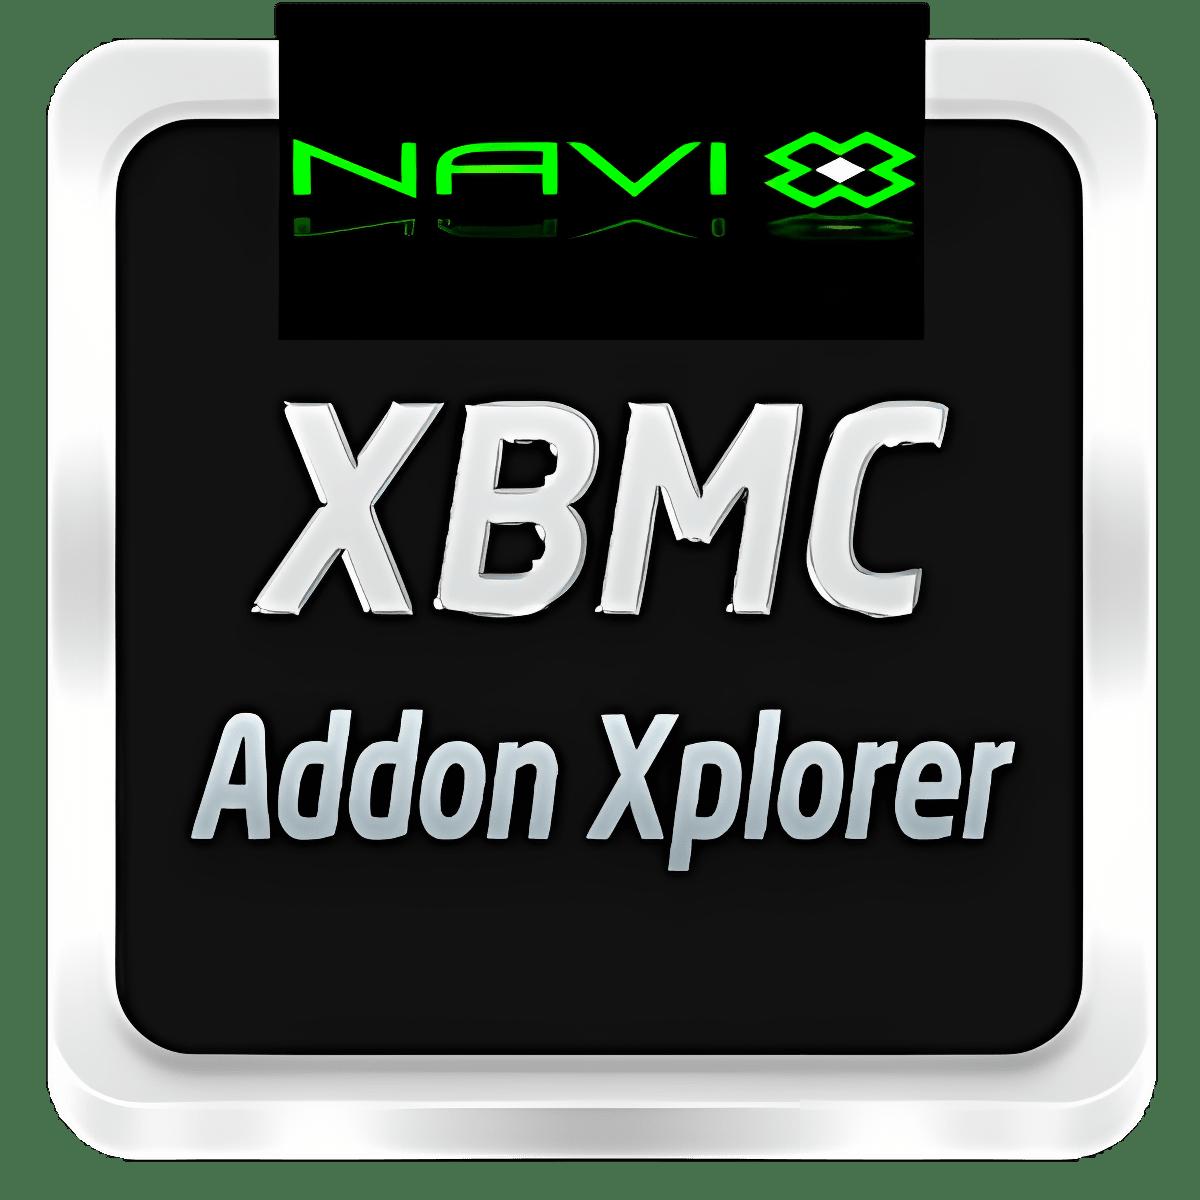 XBMC/KODI ADDONS EXPLORER